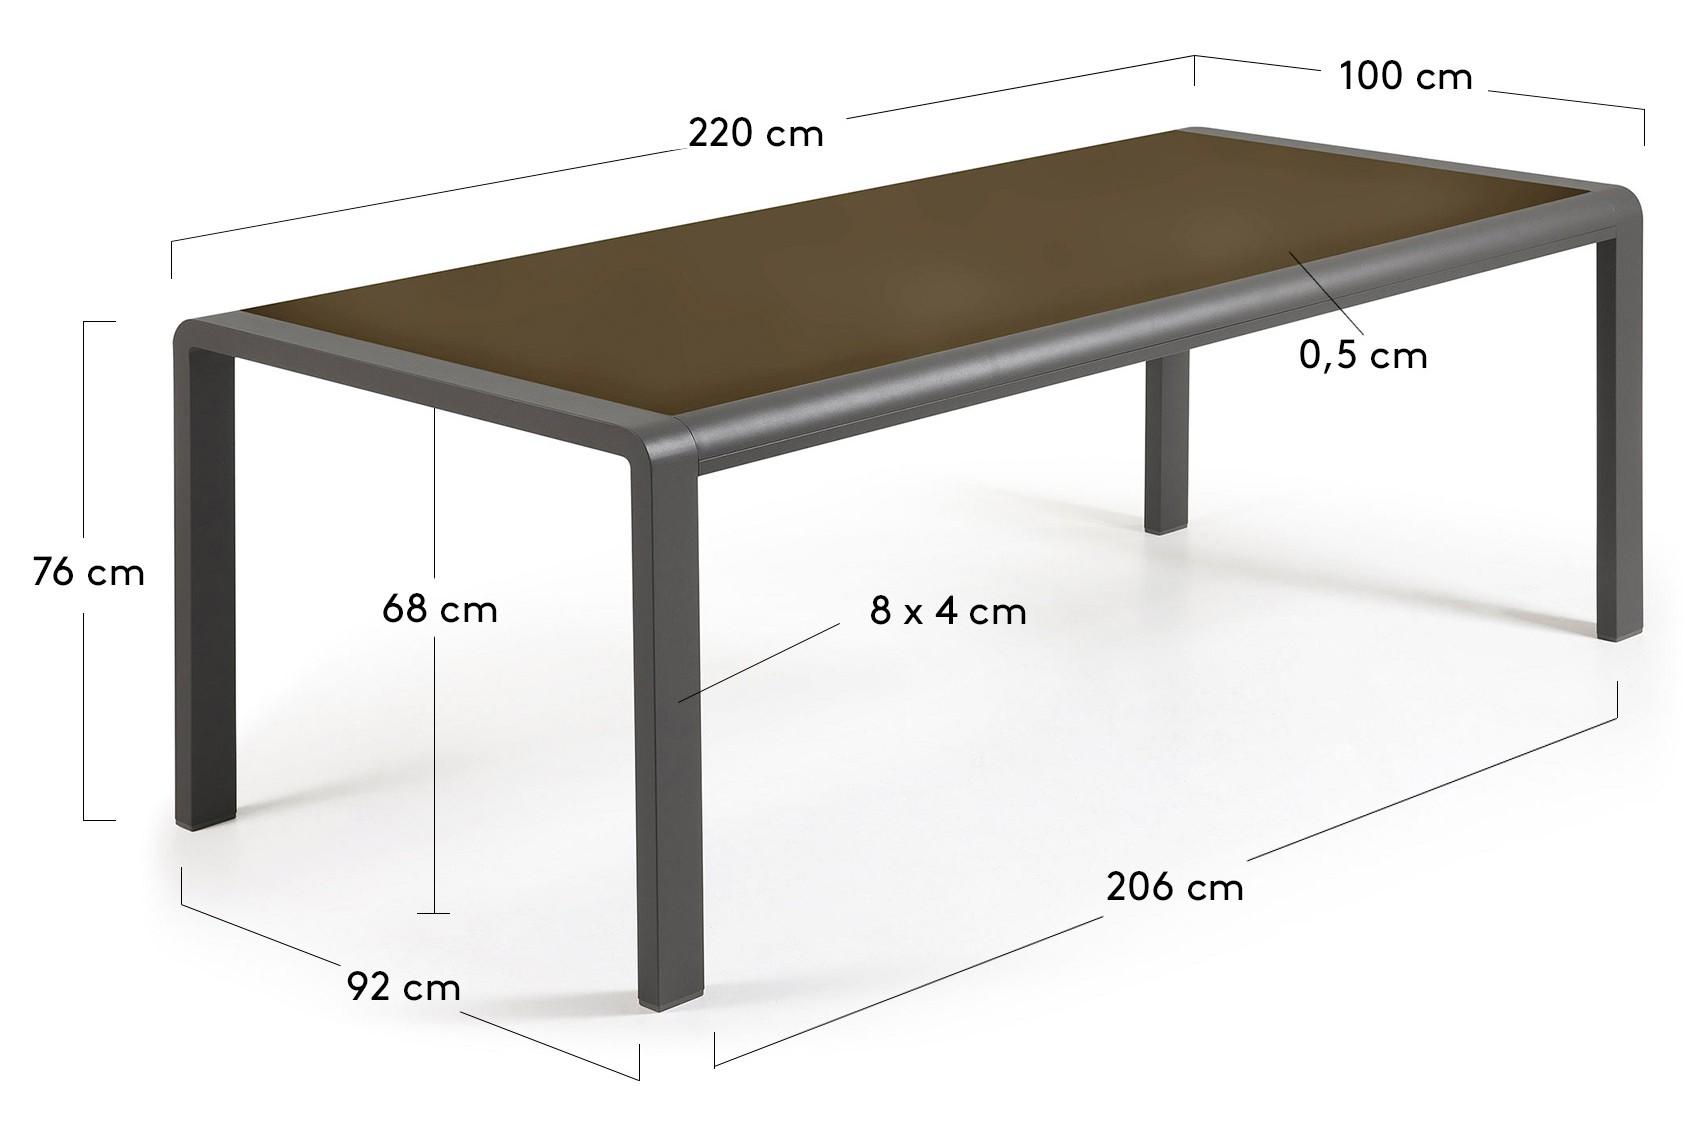 220 X 100 cm.